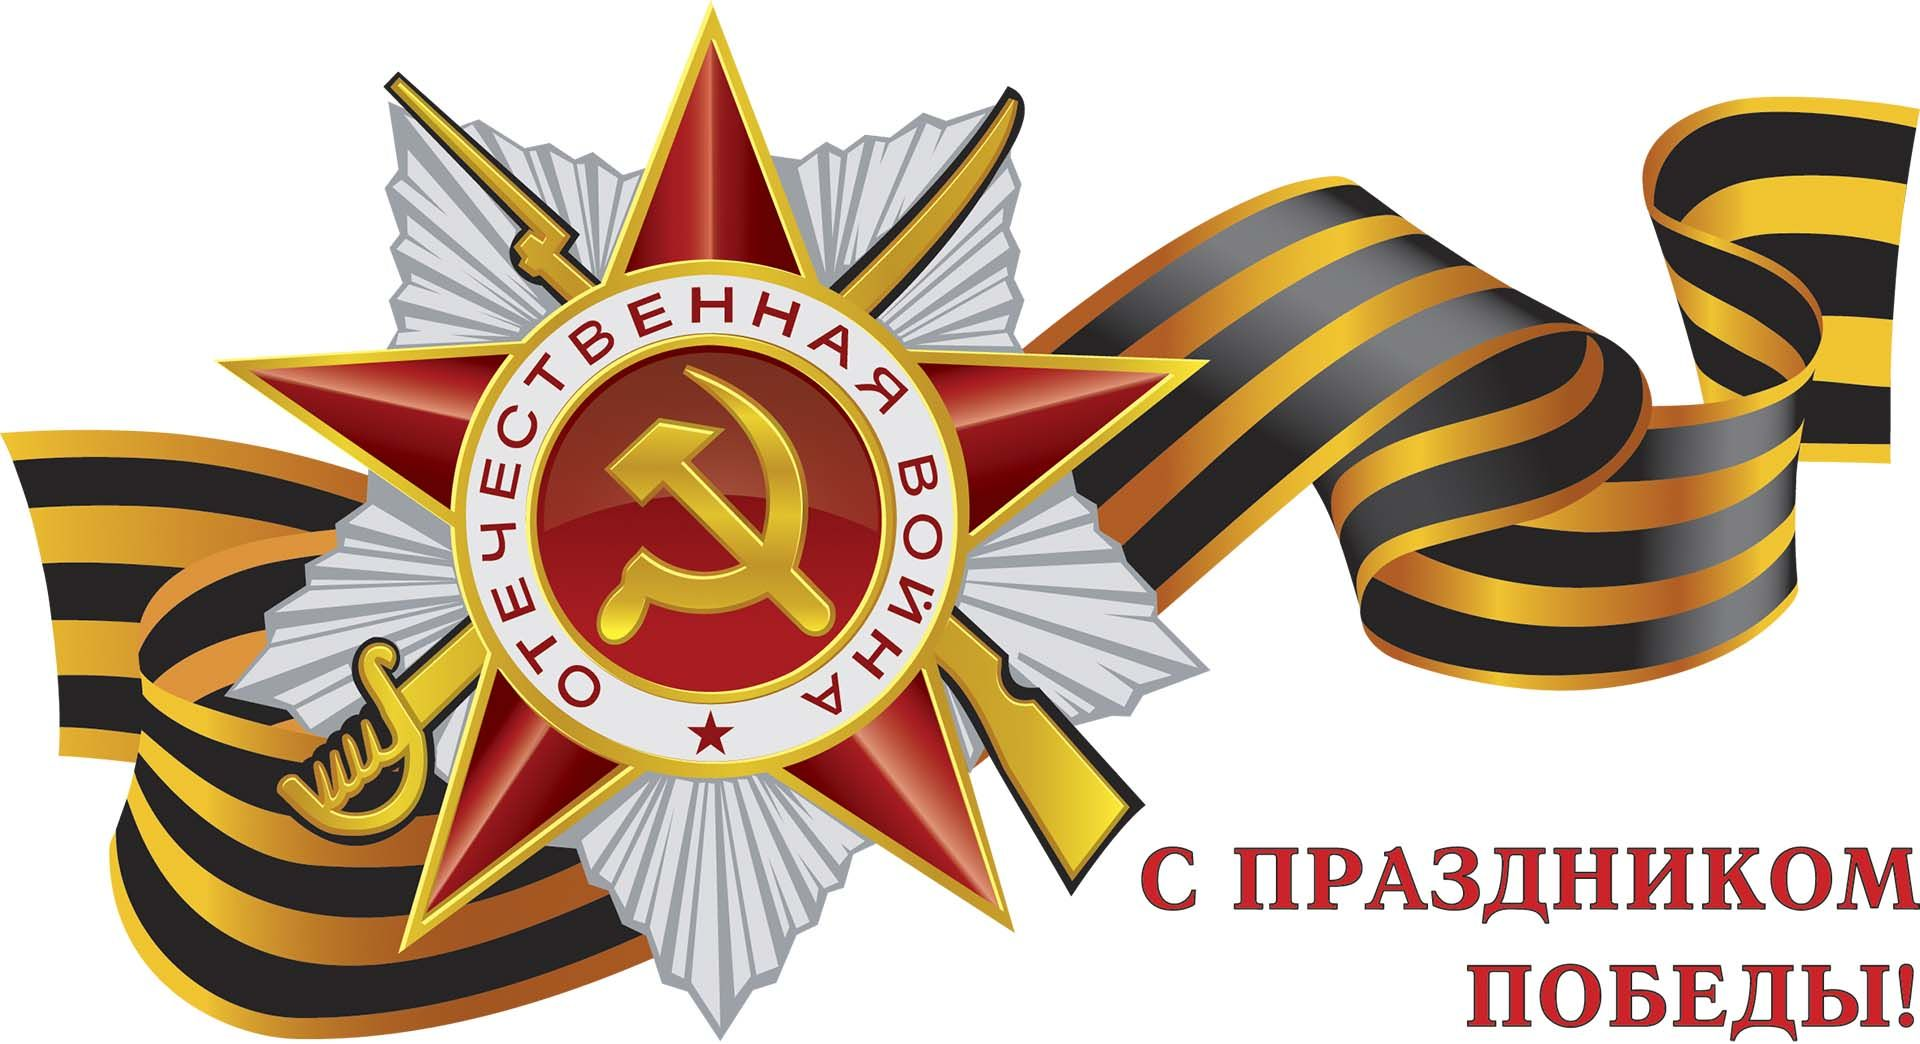 S Prazdnikom Pobedy Otkrytki Simvoly Shablony Otkrytok